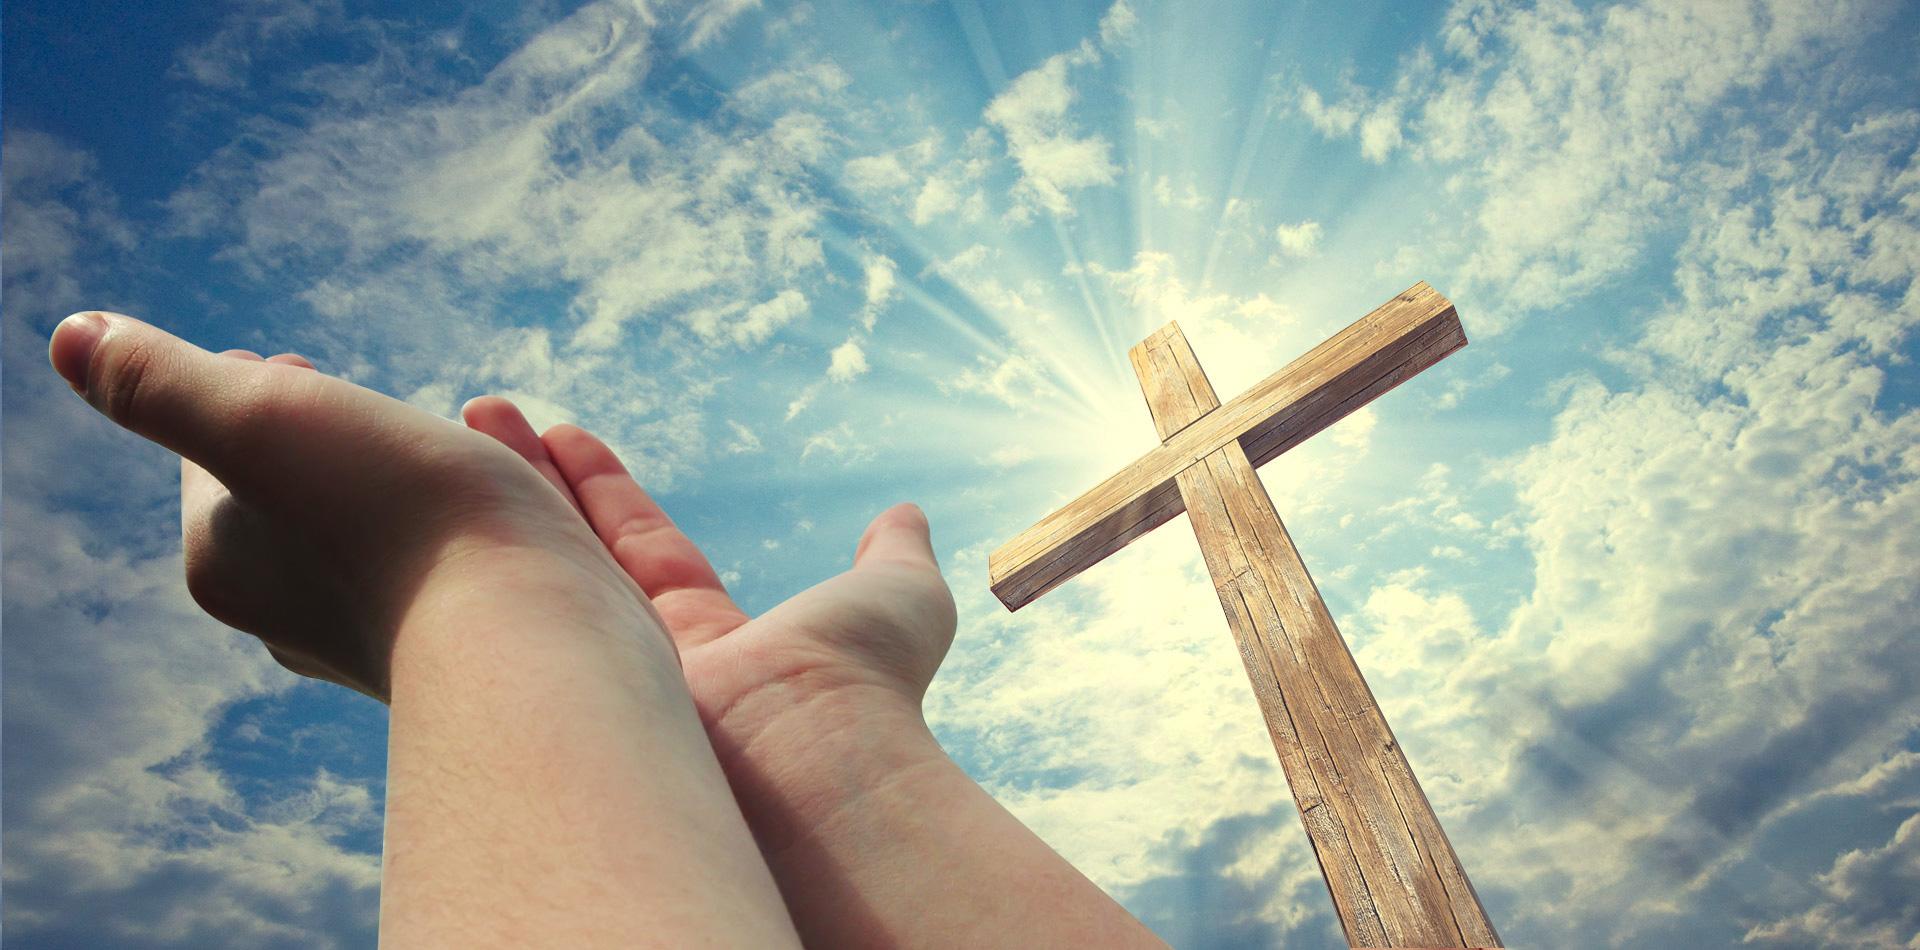 Chỉ vì tình yêu Đức Kitô thúc bách